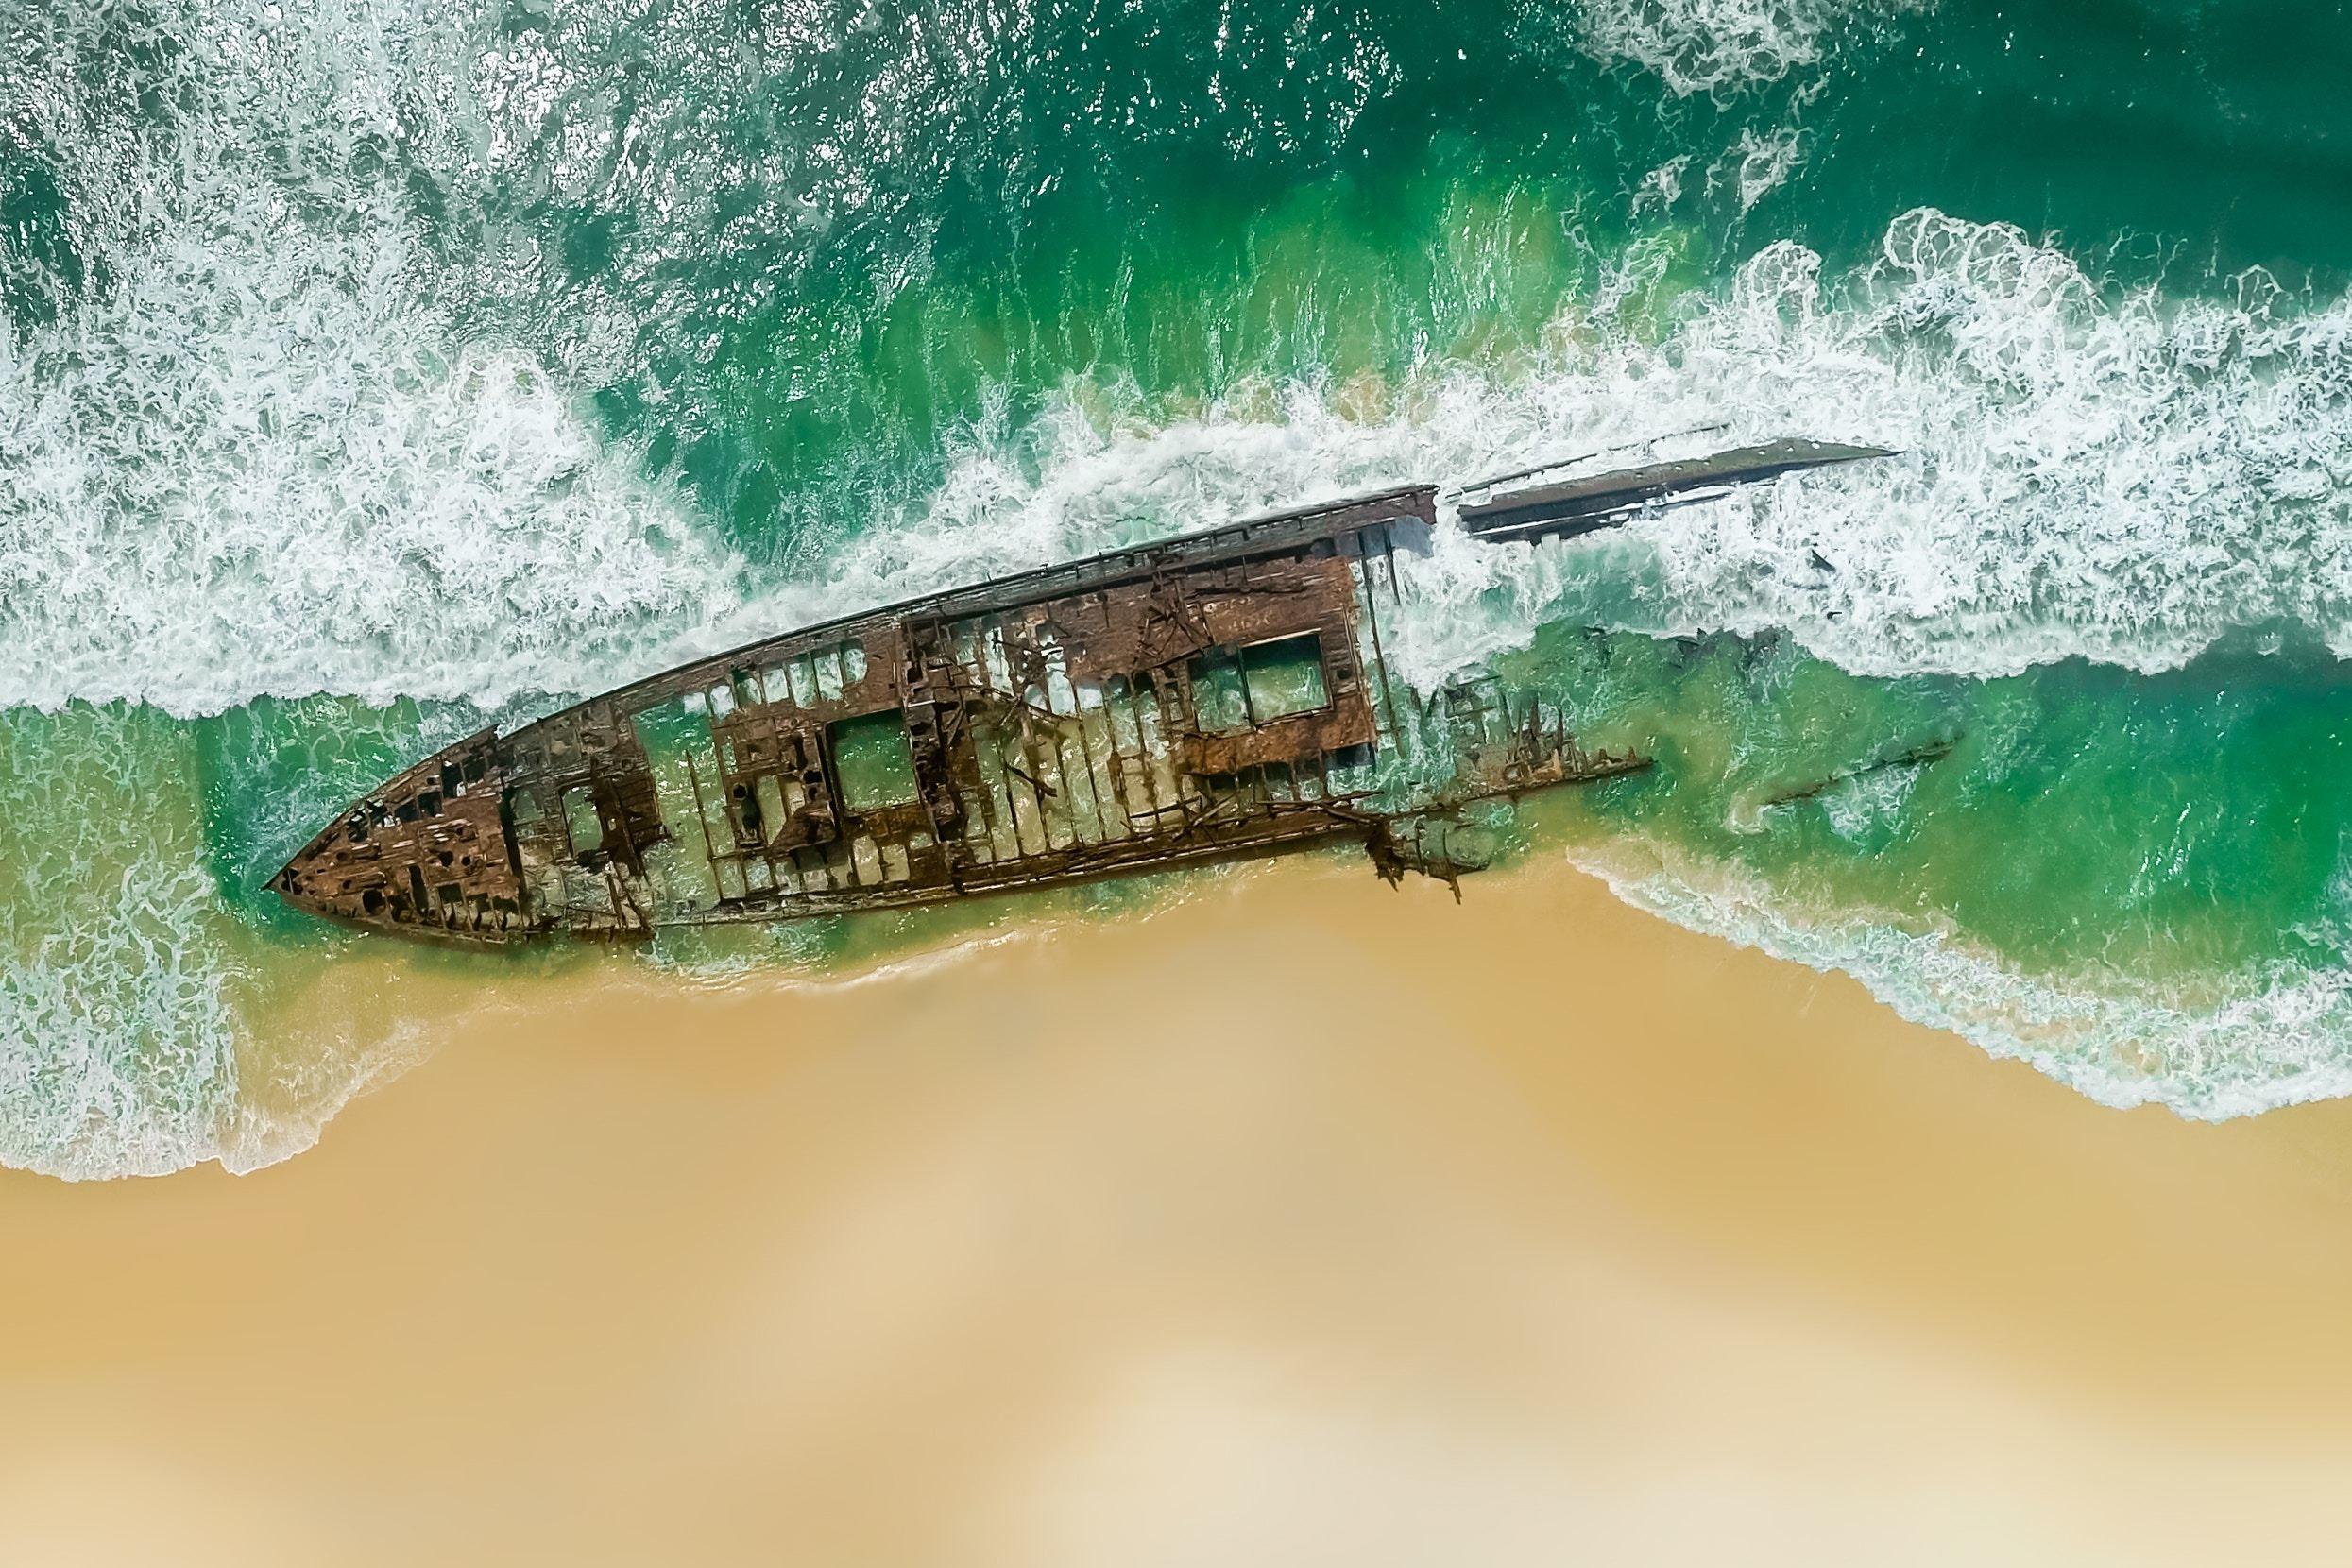 Res: 2490x1660, Maheno Shipwreck Wallpaper